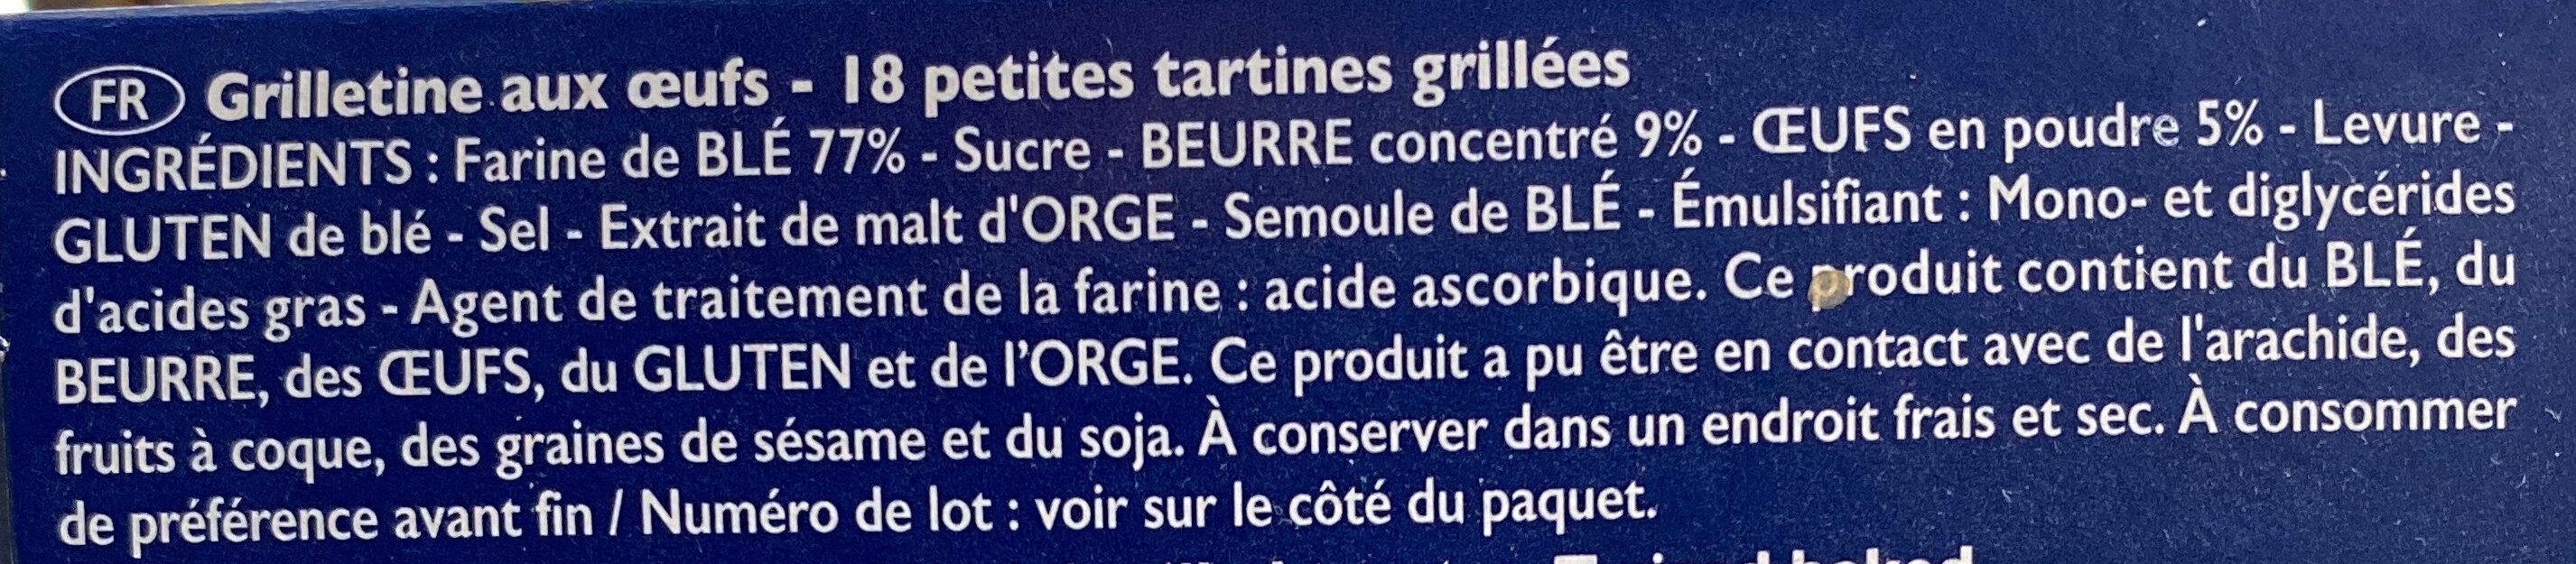 Grilletine briochée - Ingredients - fr